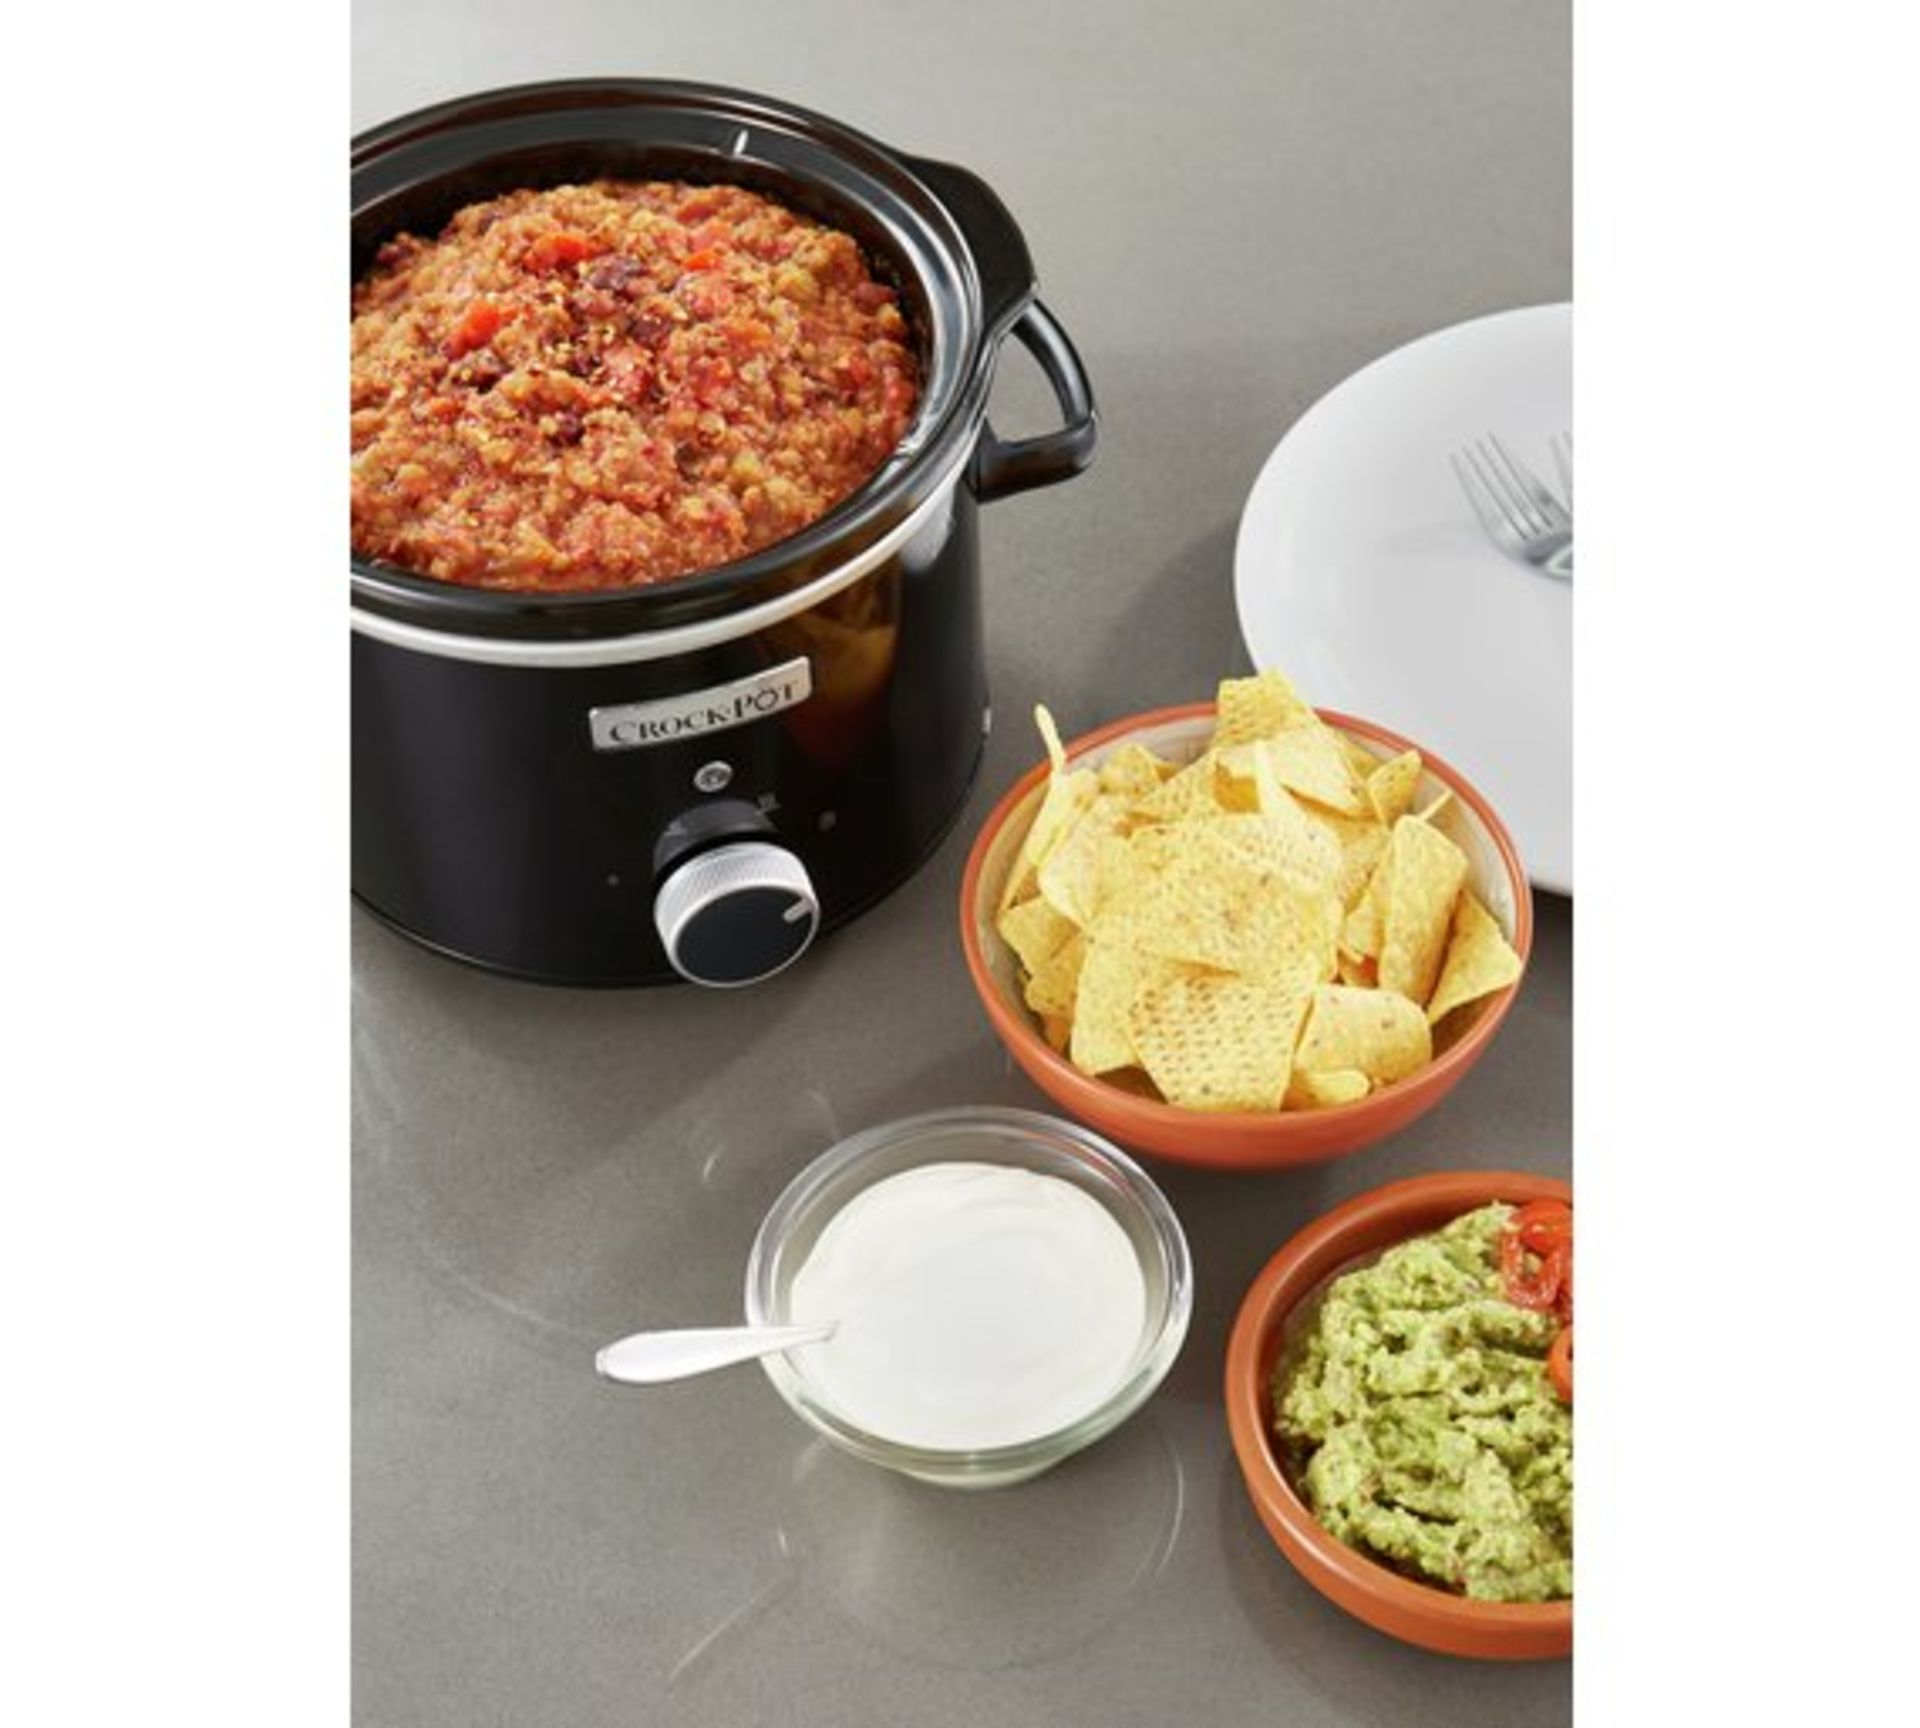 Lot 13269 - V Brand New 2.4L Crock-Pot Slow Cooker - £31.99 at Espares.co.uk - Black - Dishwasher Safe - Oven